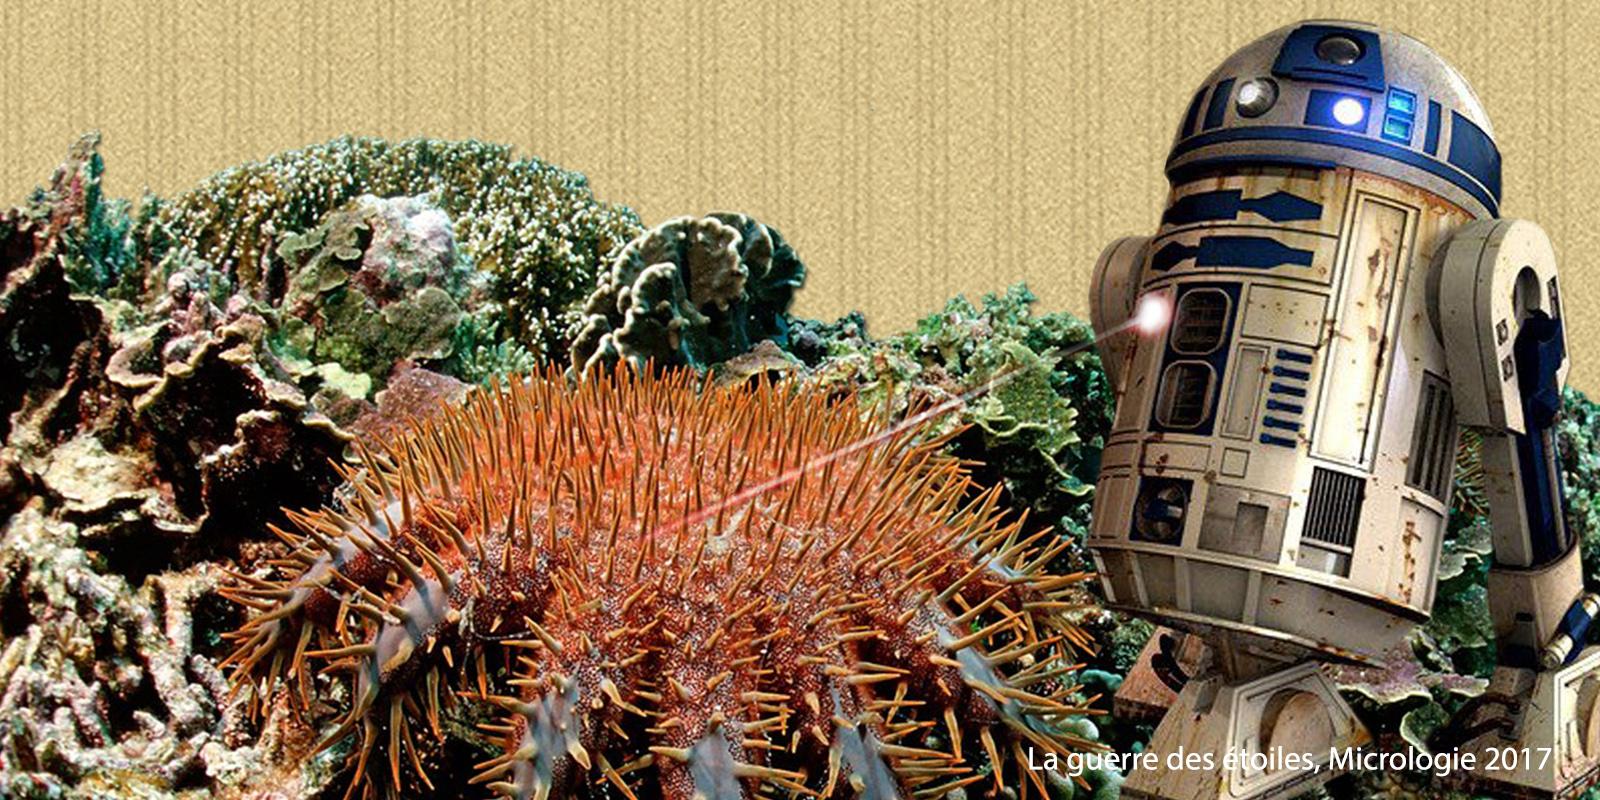 La guerre des étoiles, micrologie